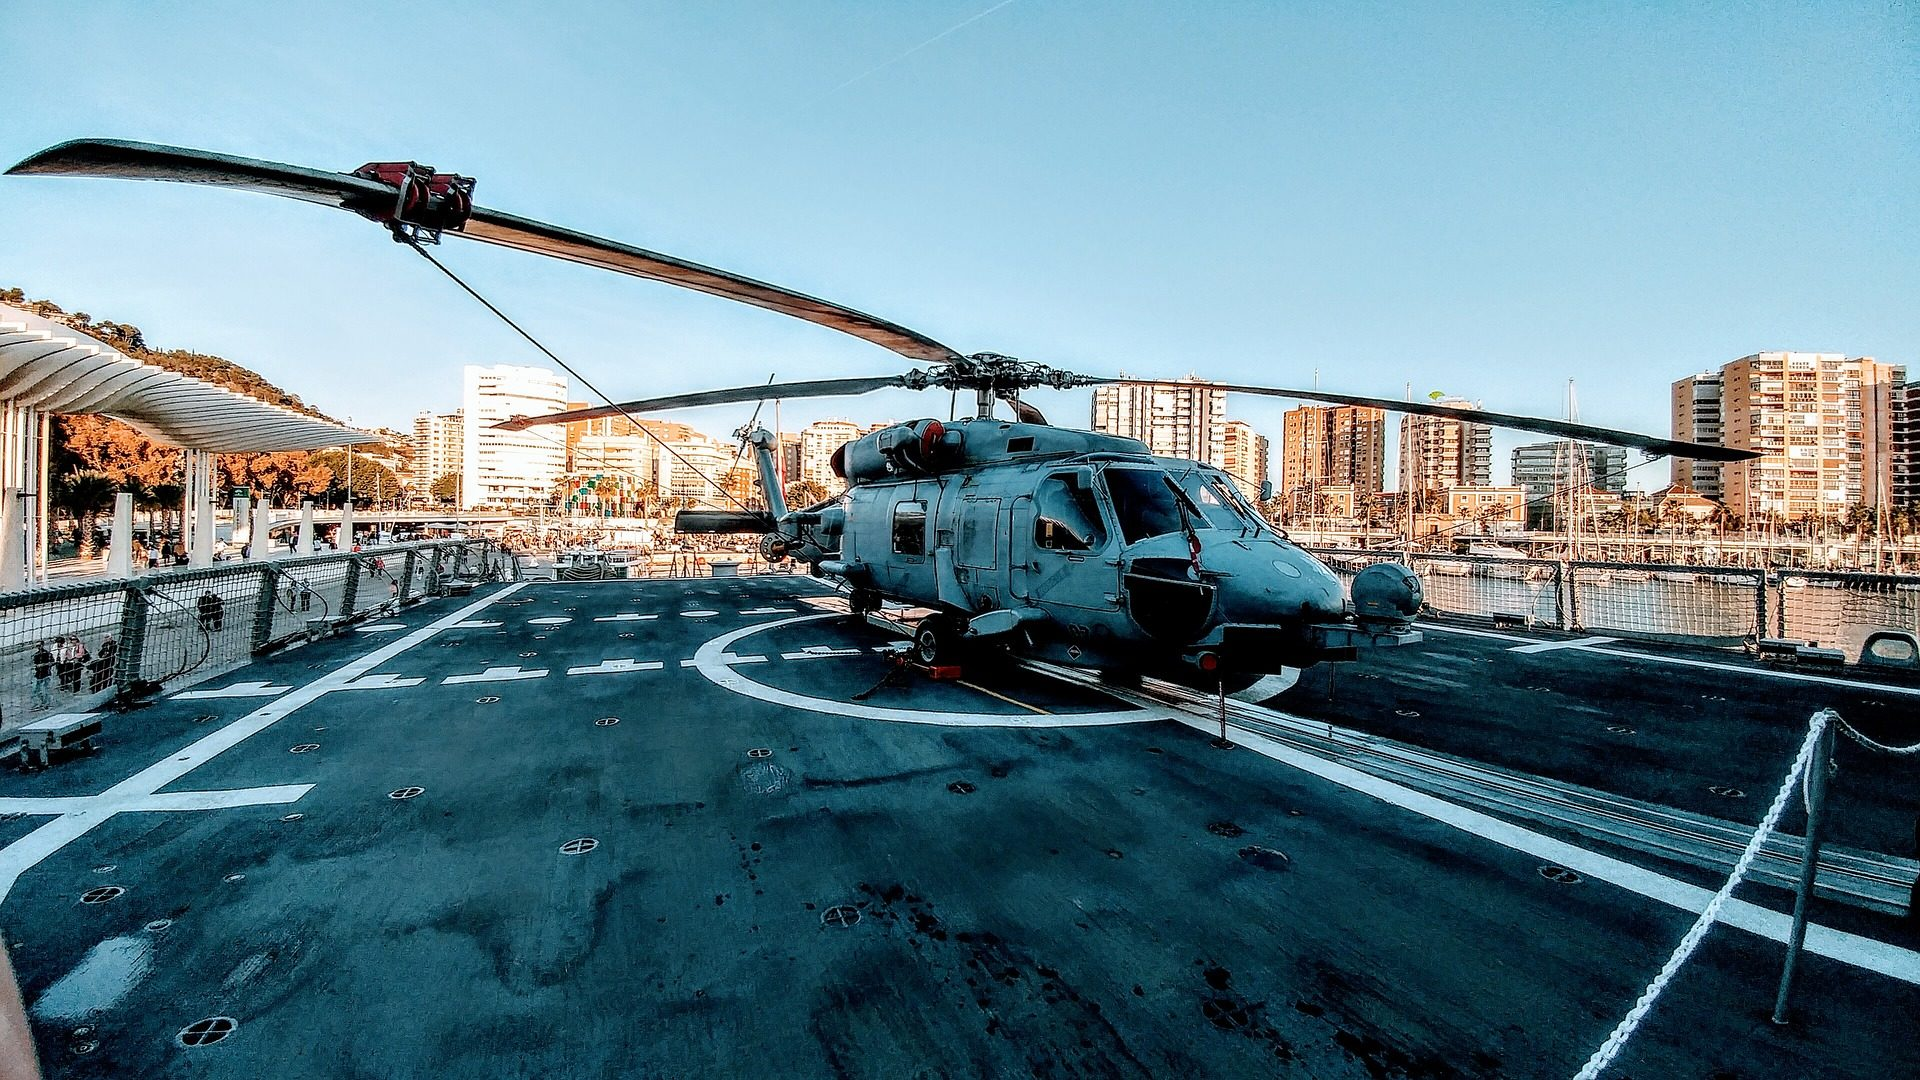 Hubschrauber, militärische, SH-60 b, Seahawk, Track, Flug - Wallpaper HD - Prof.-falken.com